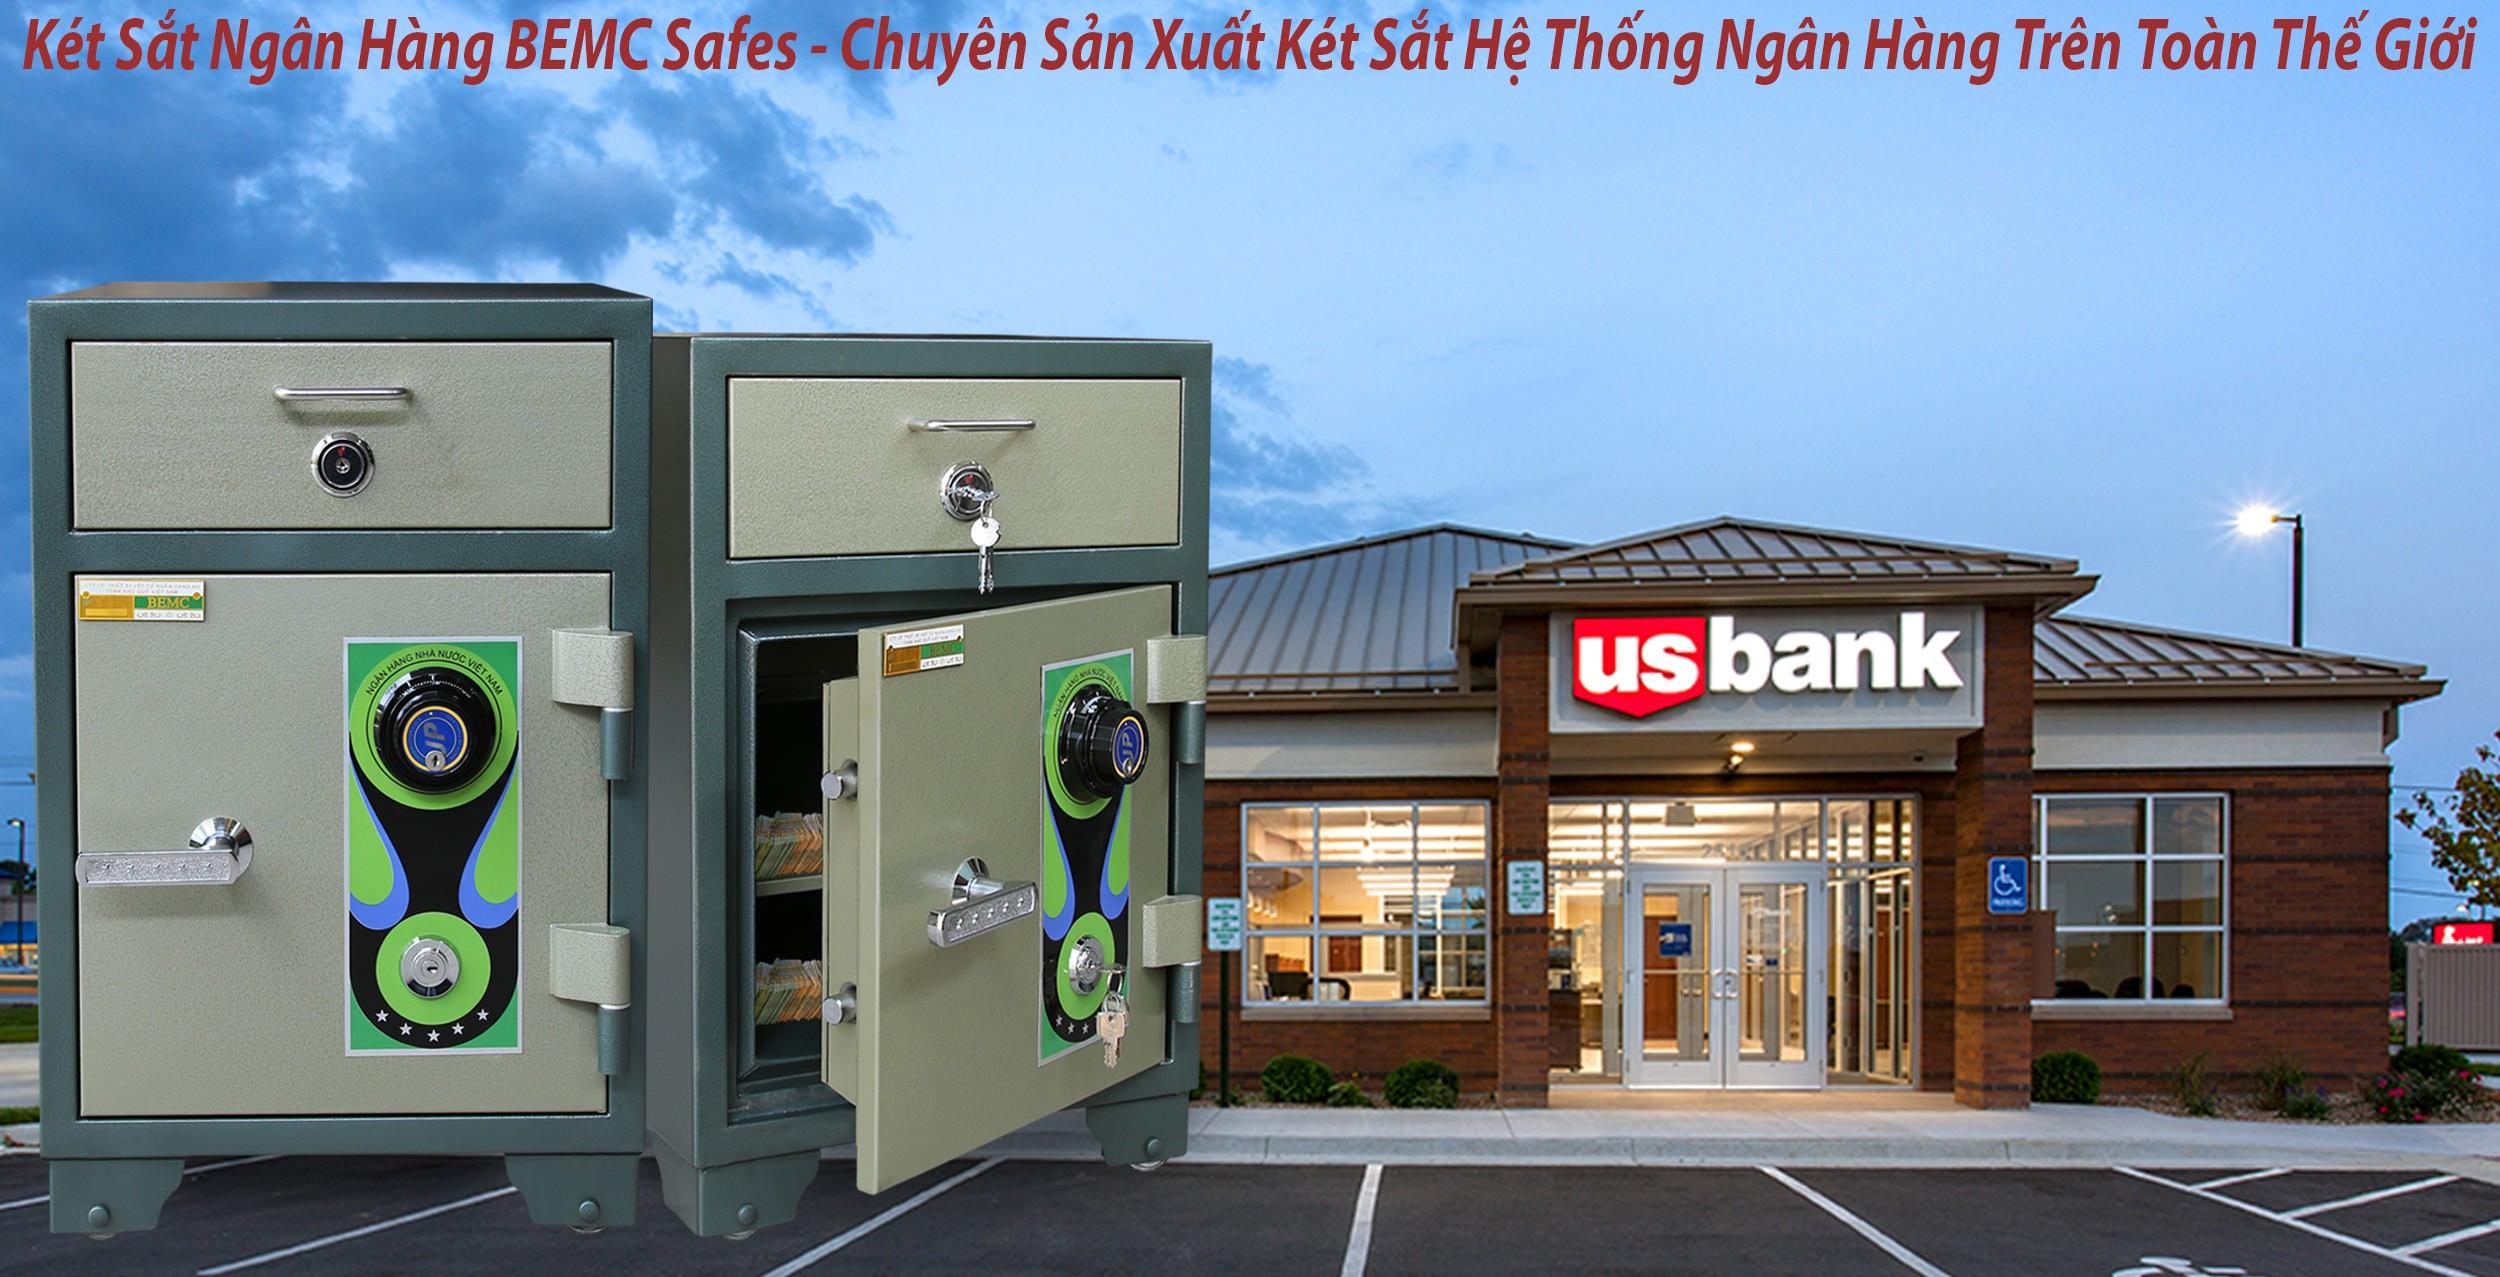 nhà cung cấp két sắt ngân hàng